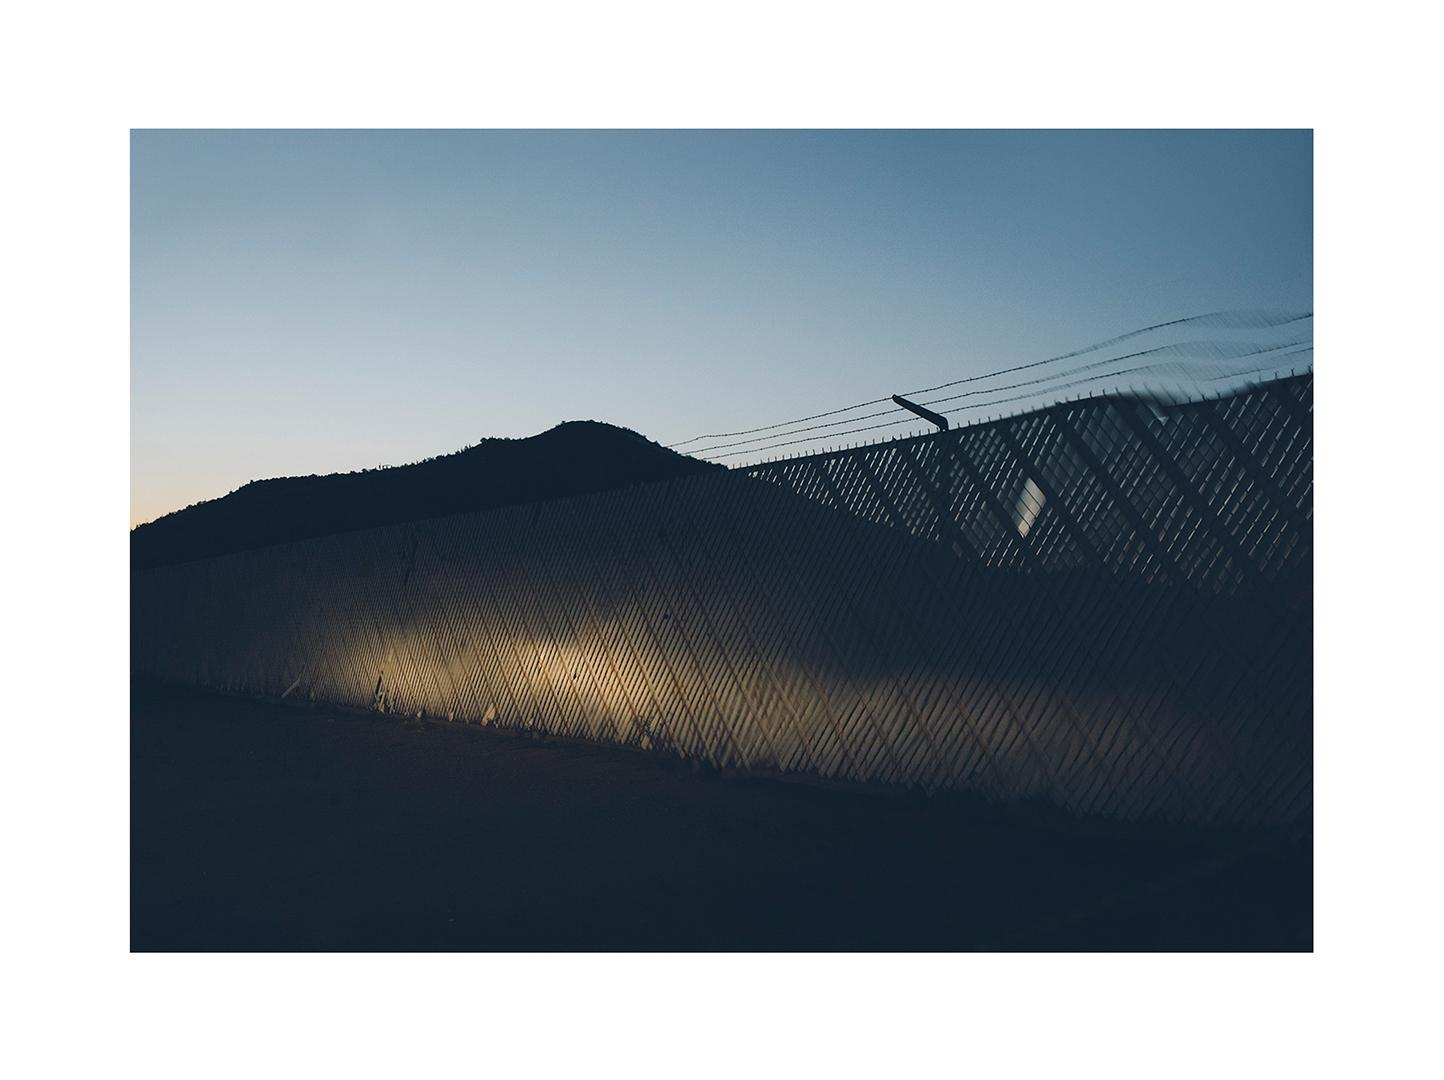 landscapes_371.jpg